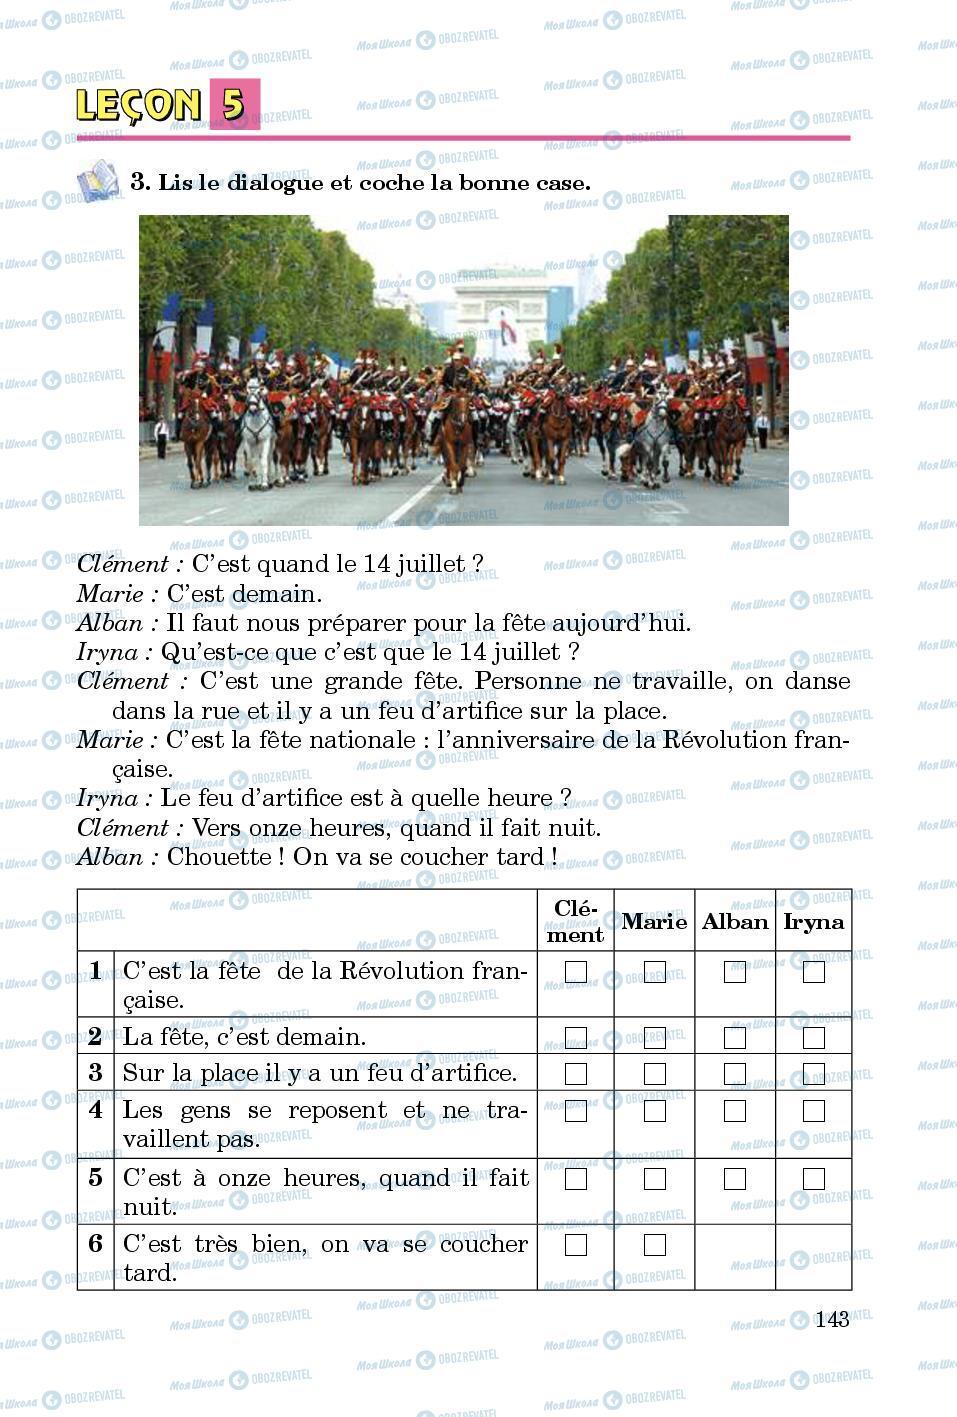 Підручники Французька мова 5 клас сторінка 143